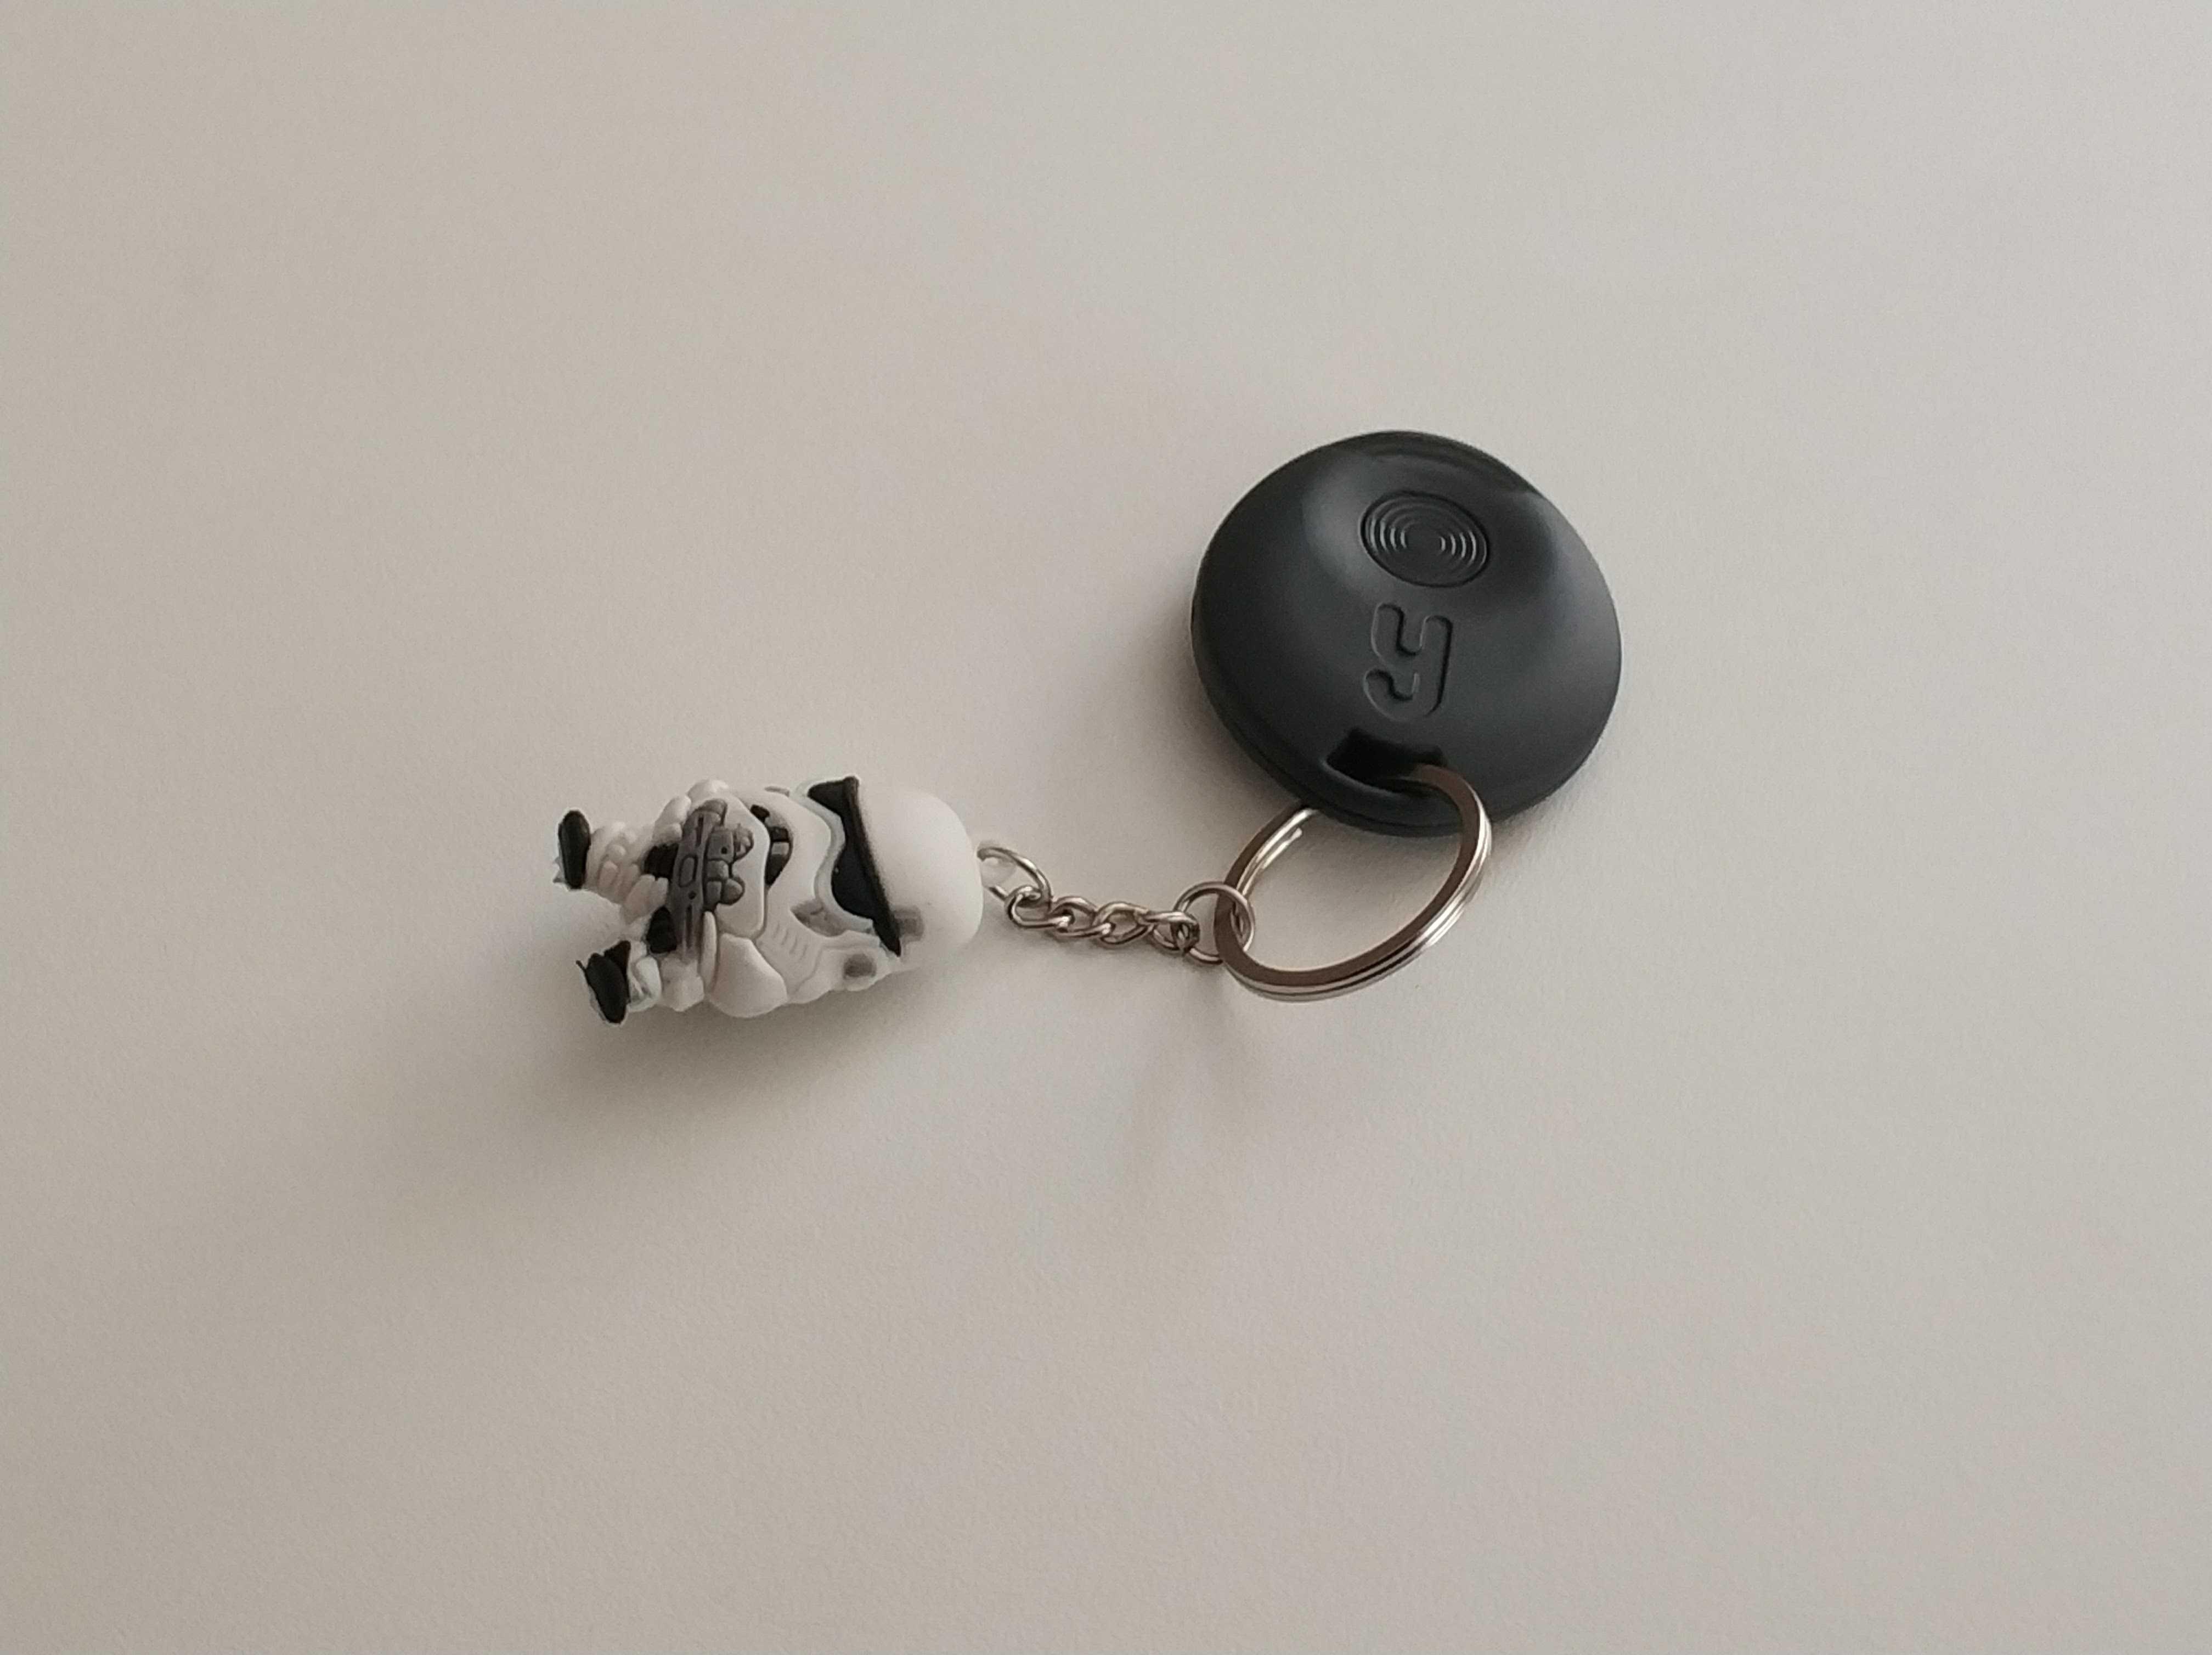 Yuzzit porte-clé connecté français